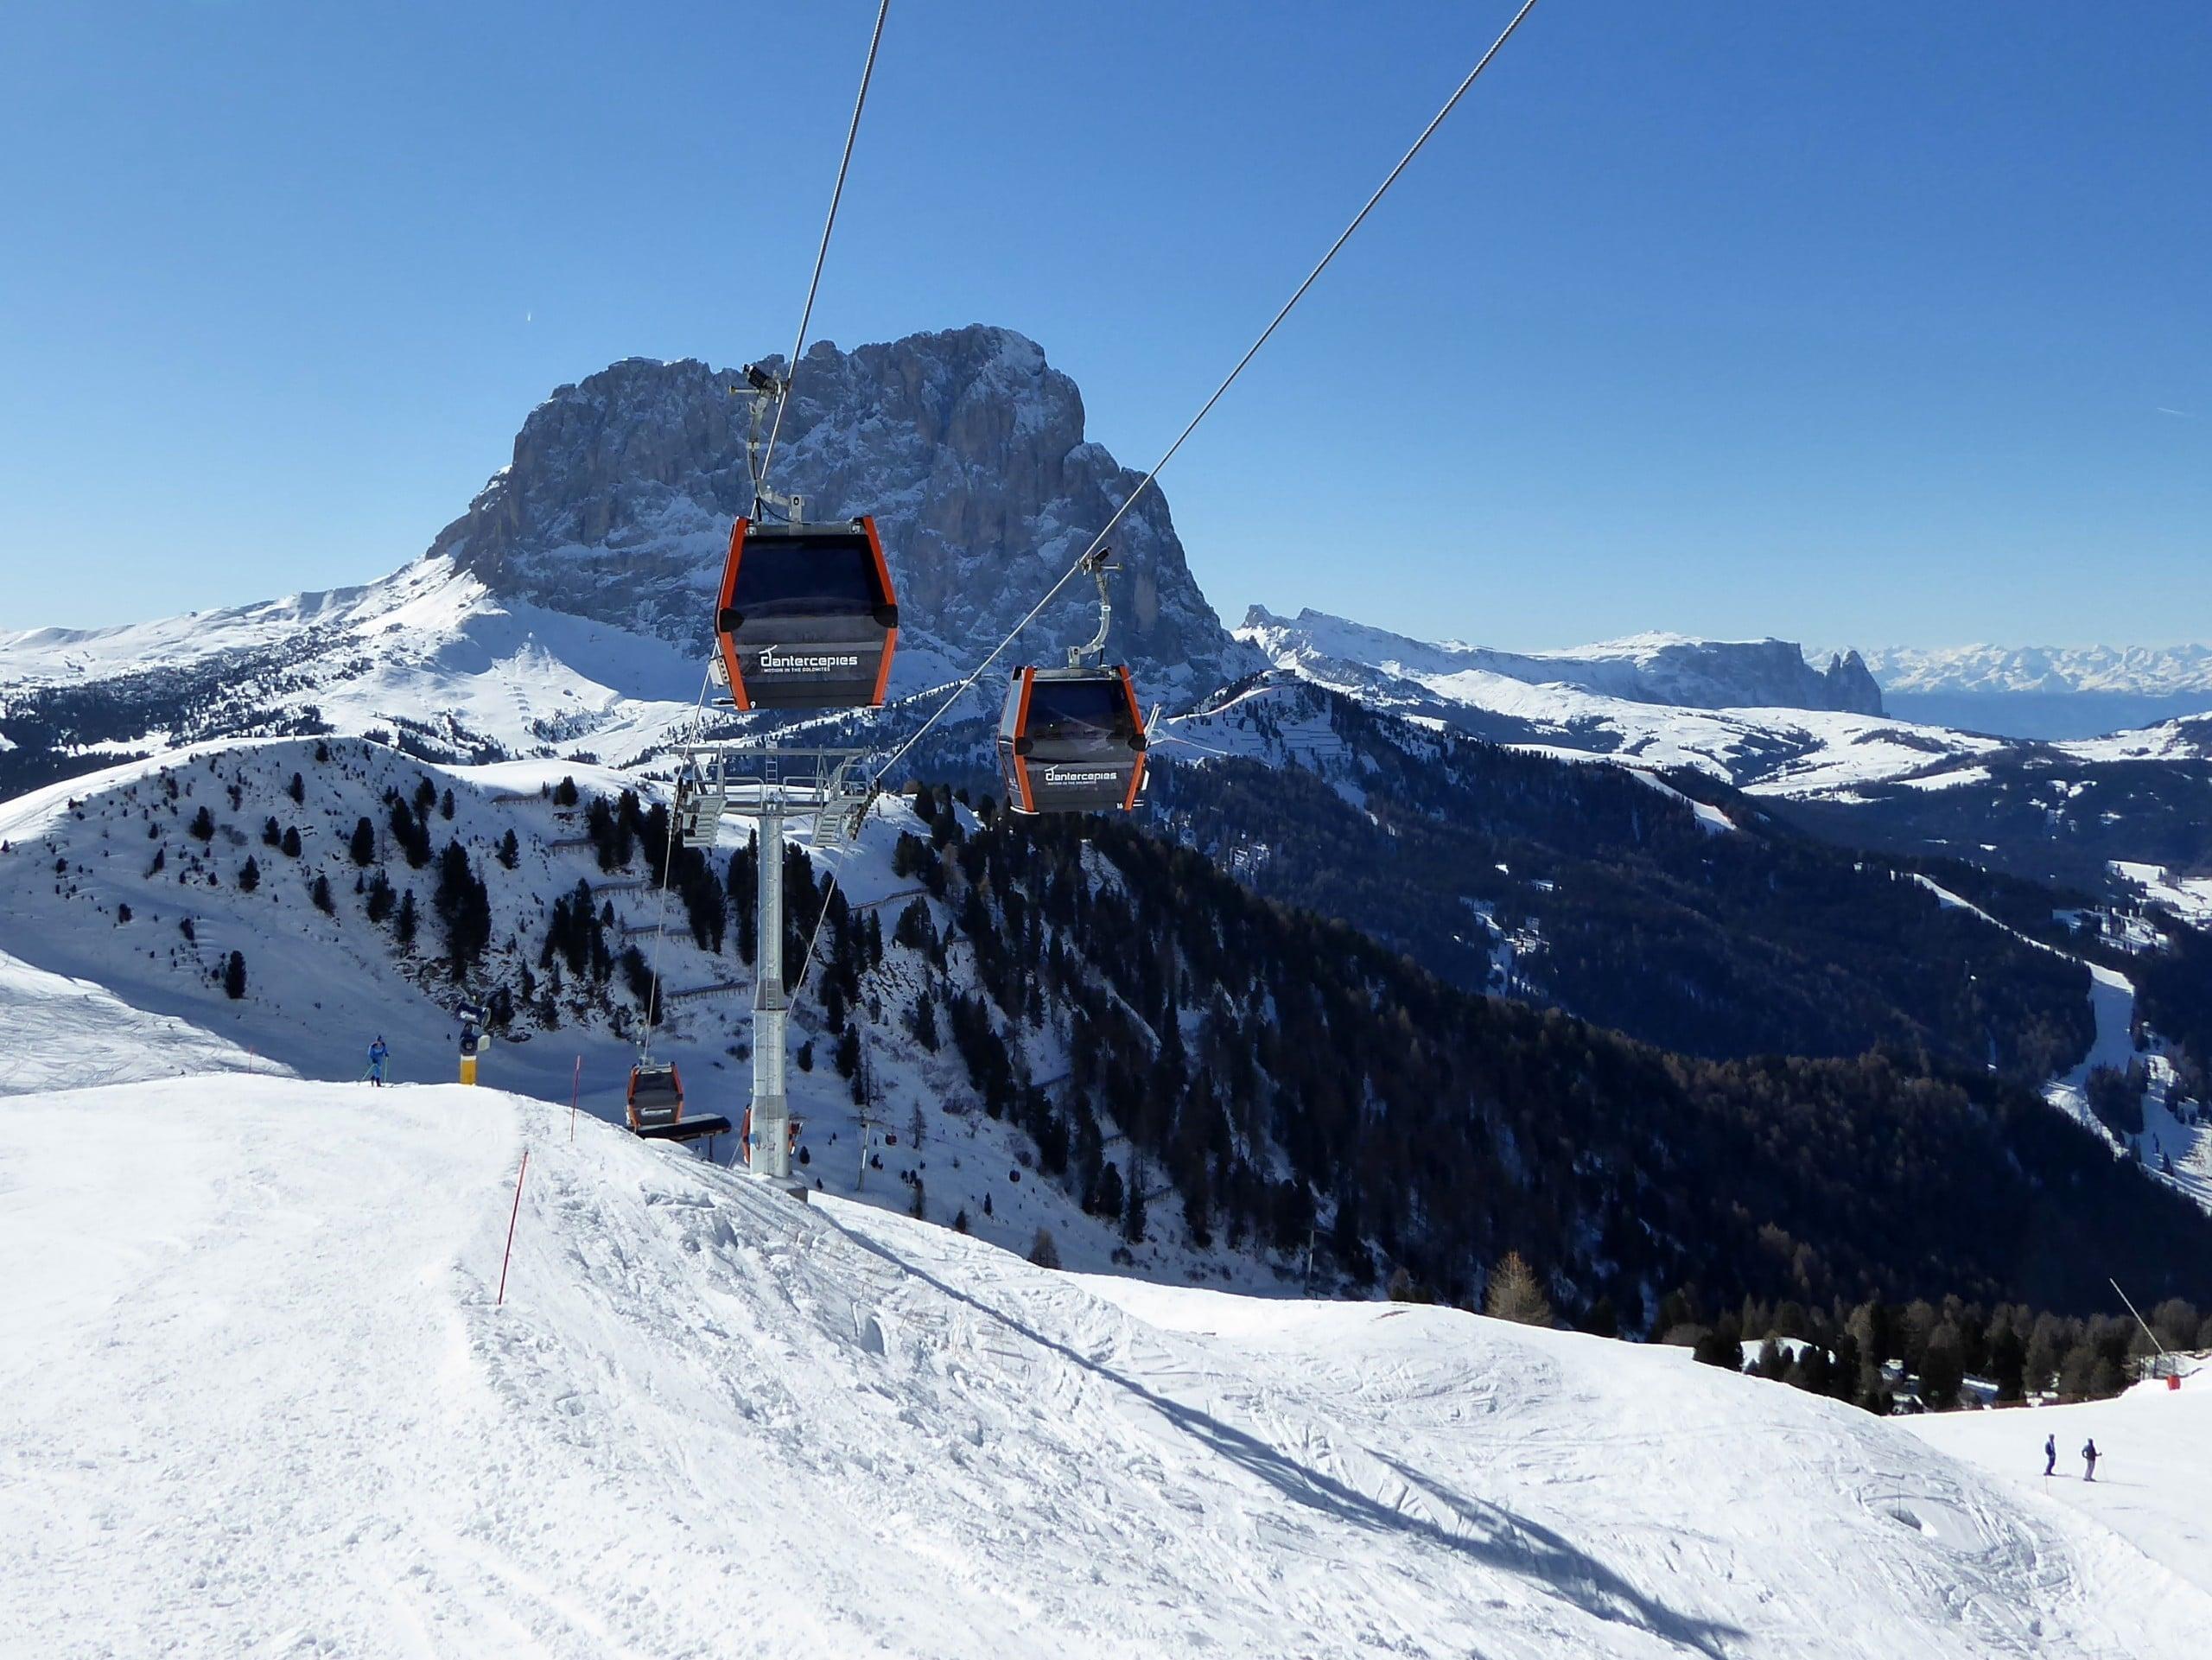 Vue sur un paysage de montagne ensoleillé lors d'un cours de ski avec l'une des écoles de ski à Selva di Val Gardena.